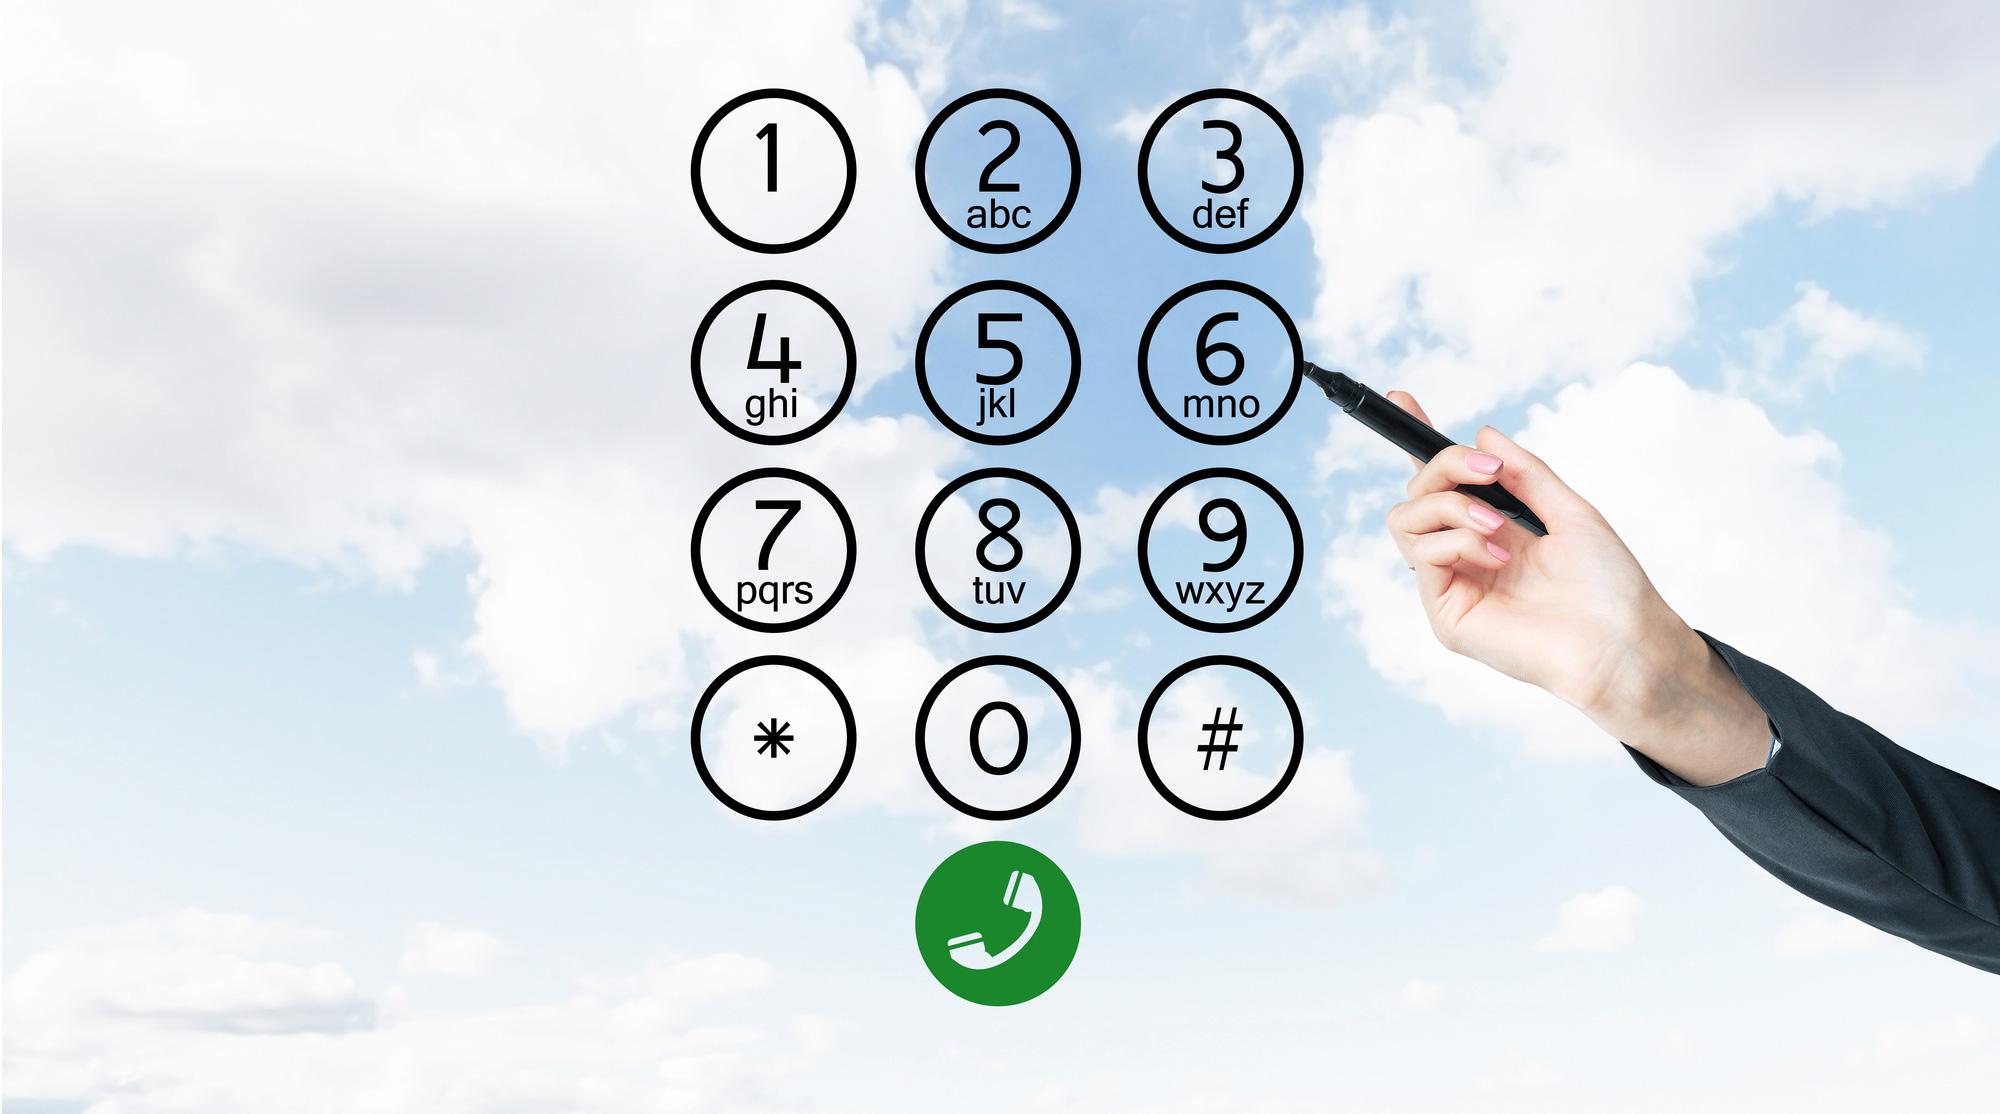 Когда Казахстан перейдет на новый телефонный код +997